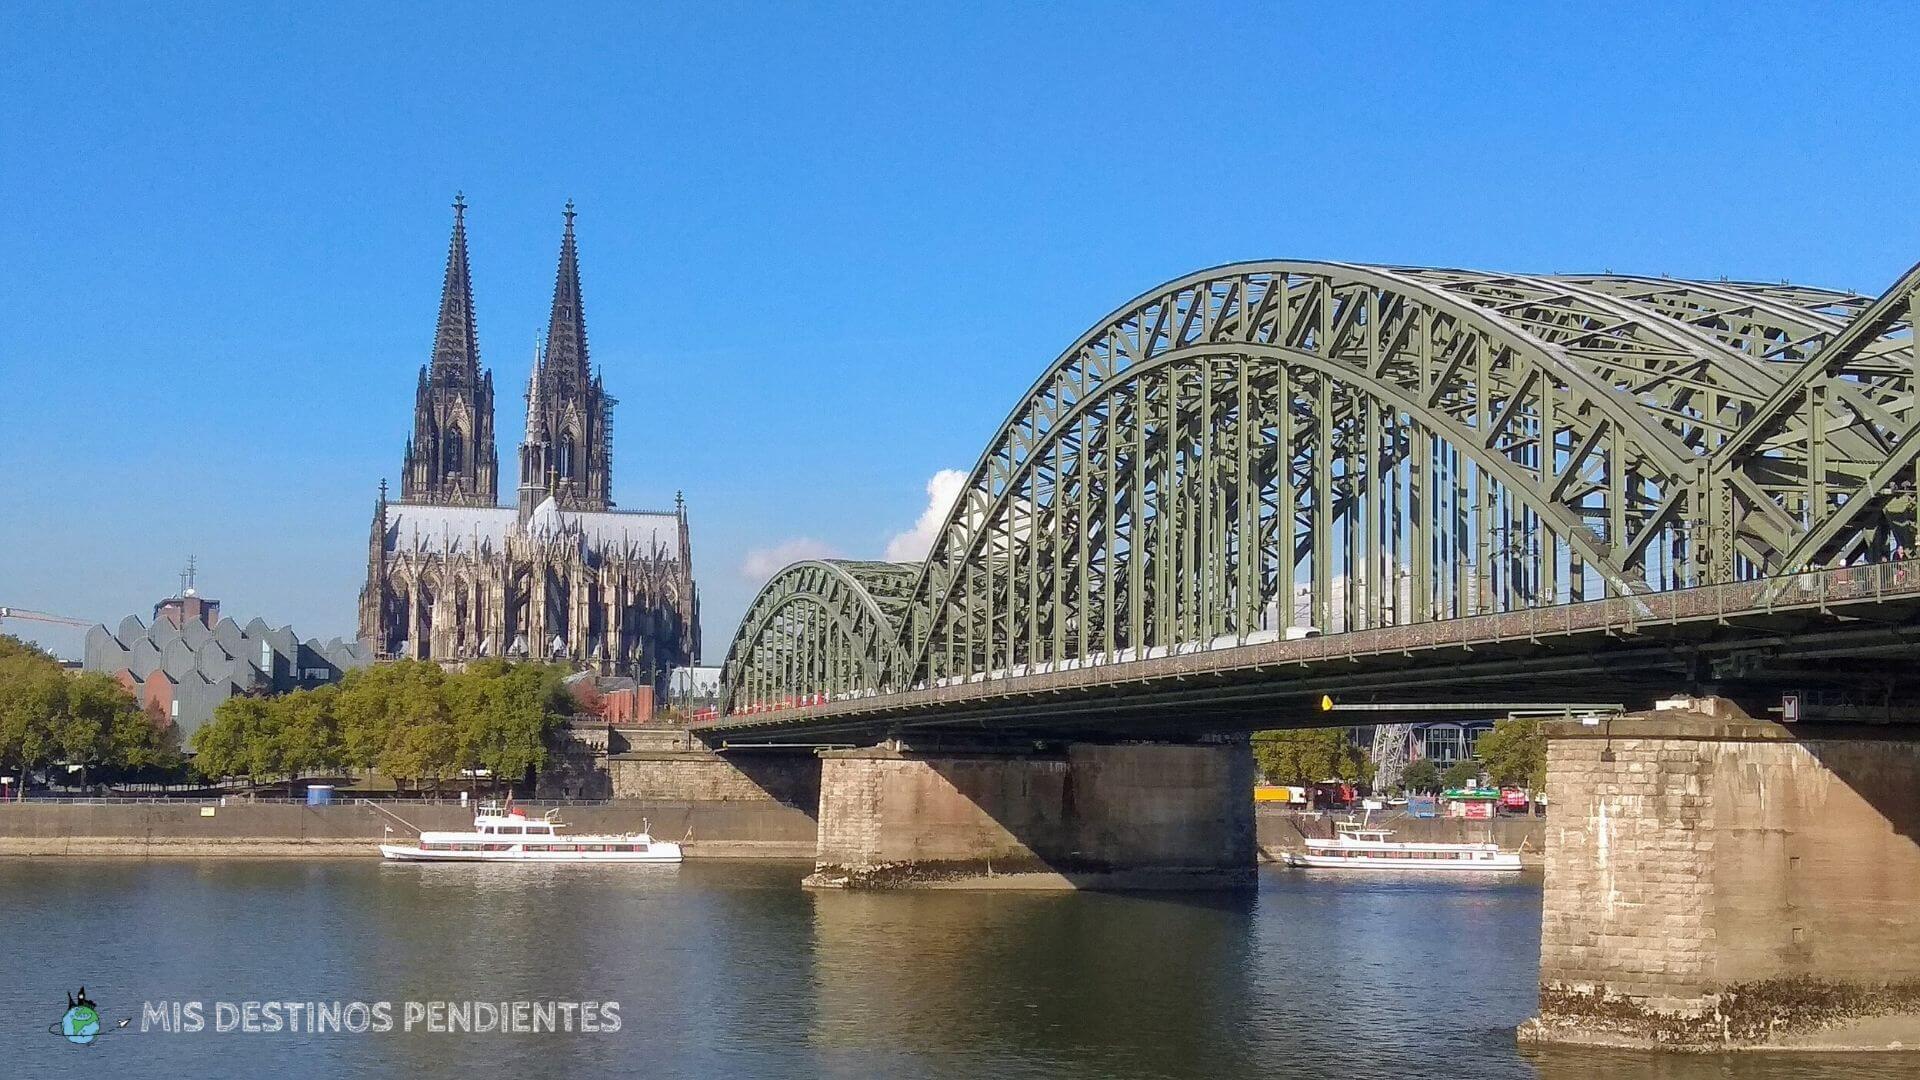 Colonia (Köln): Qué visitar en un día